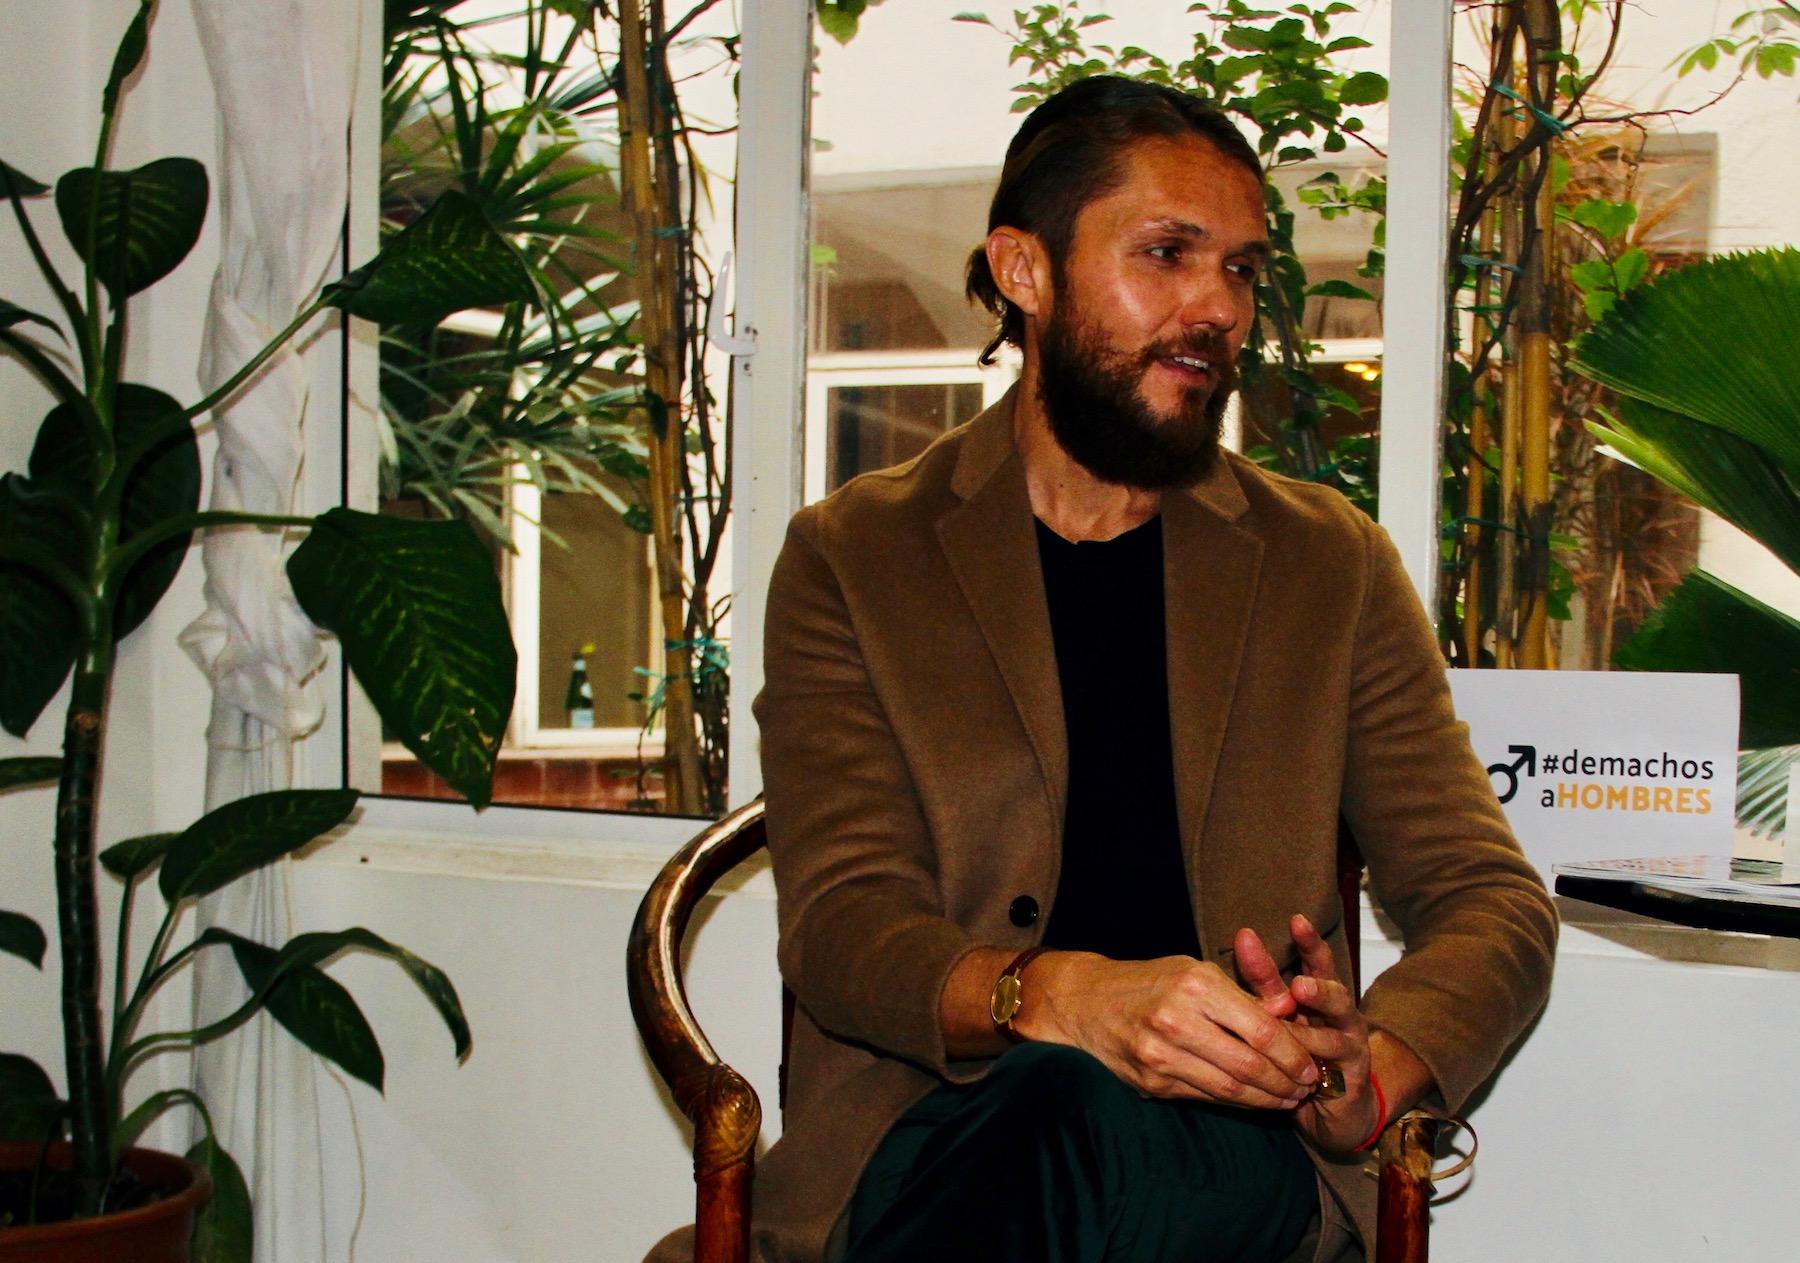 Nicko Nogués en entrevista con Impremedia